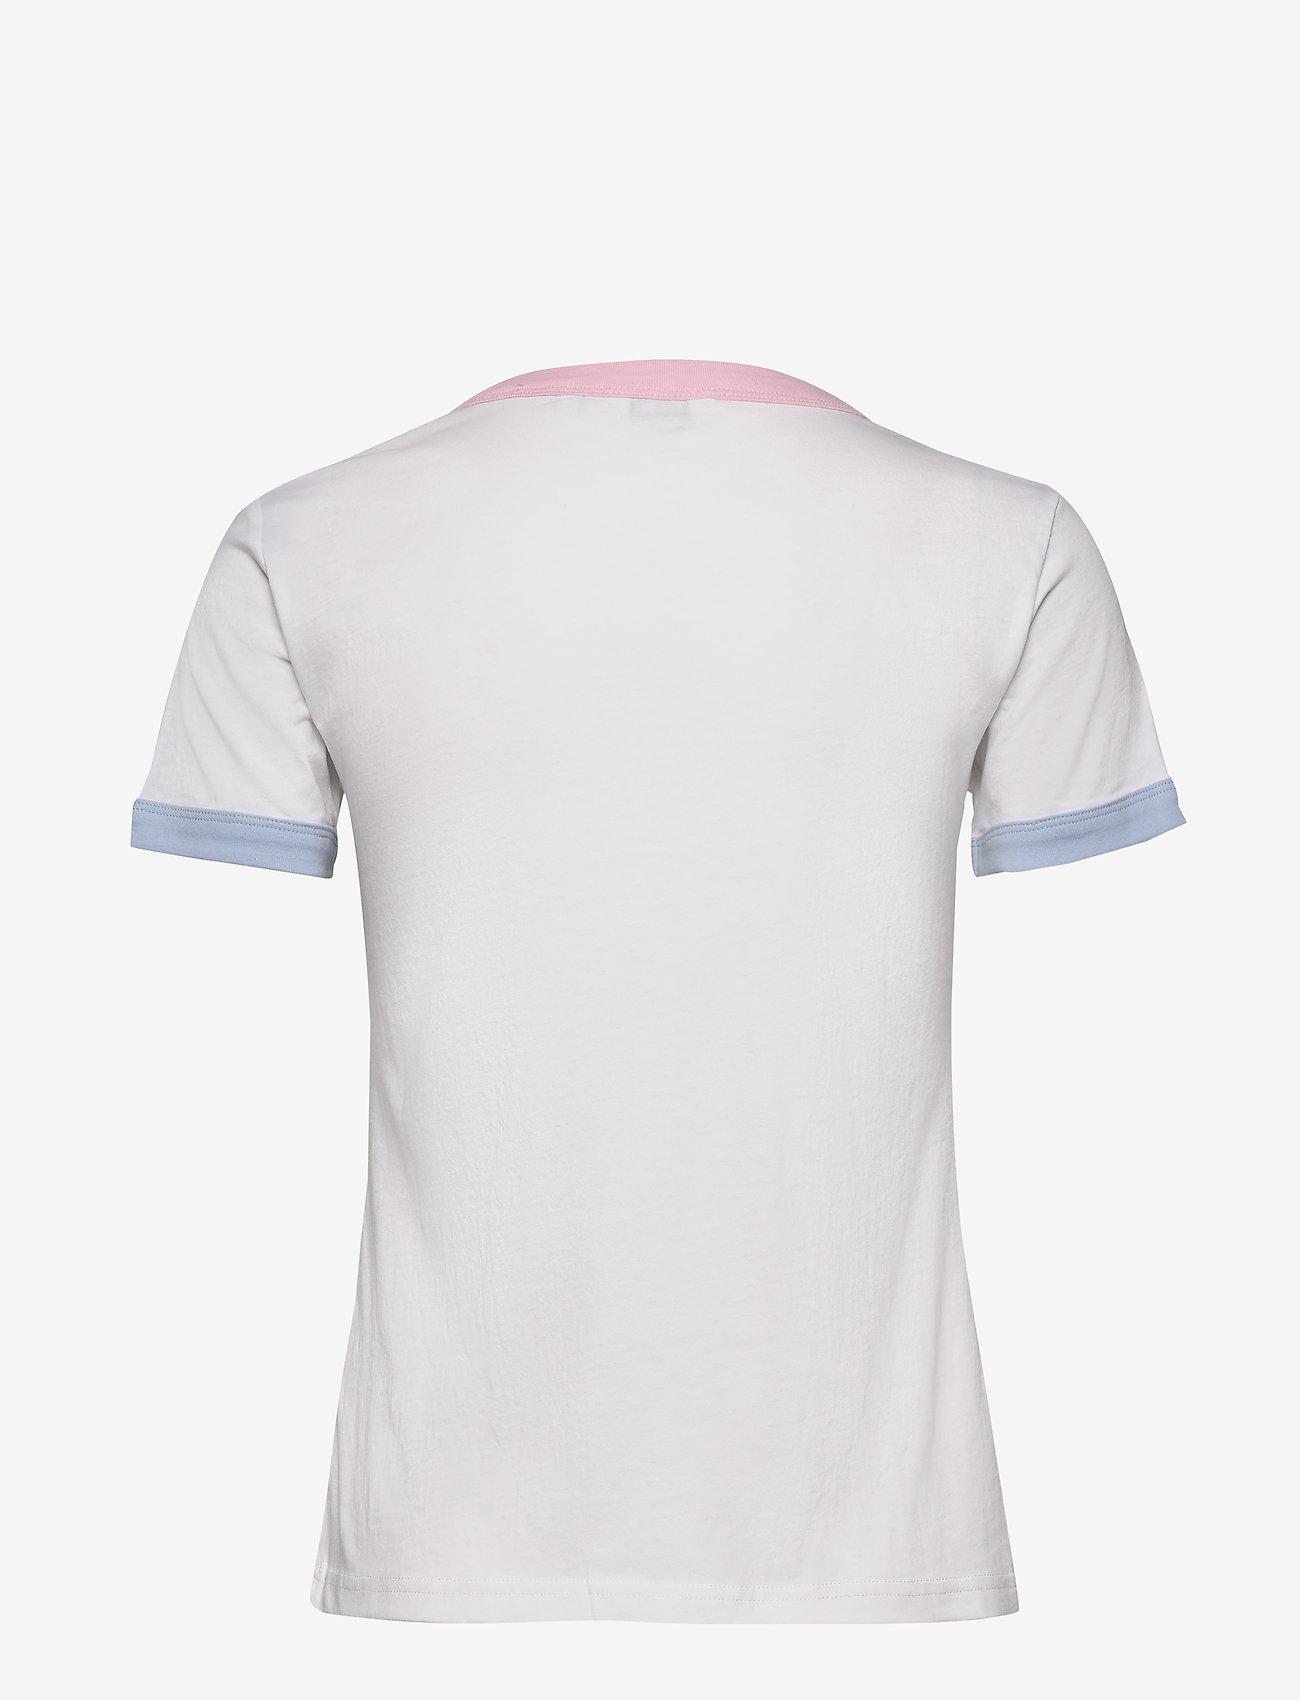 Wrangler - RINGER TEE - logo t-shirts - real white